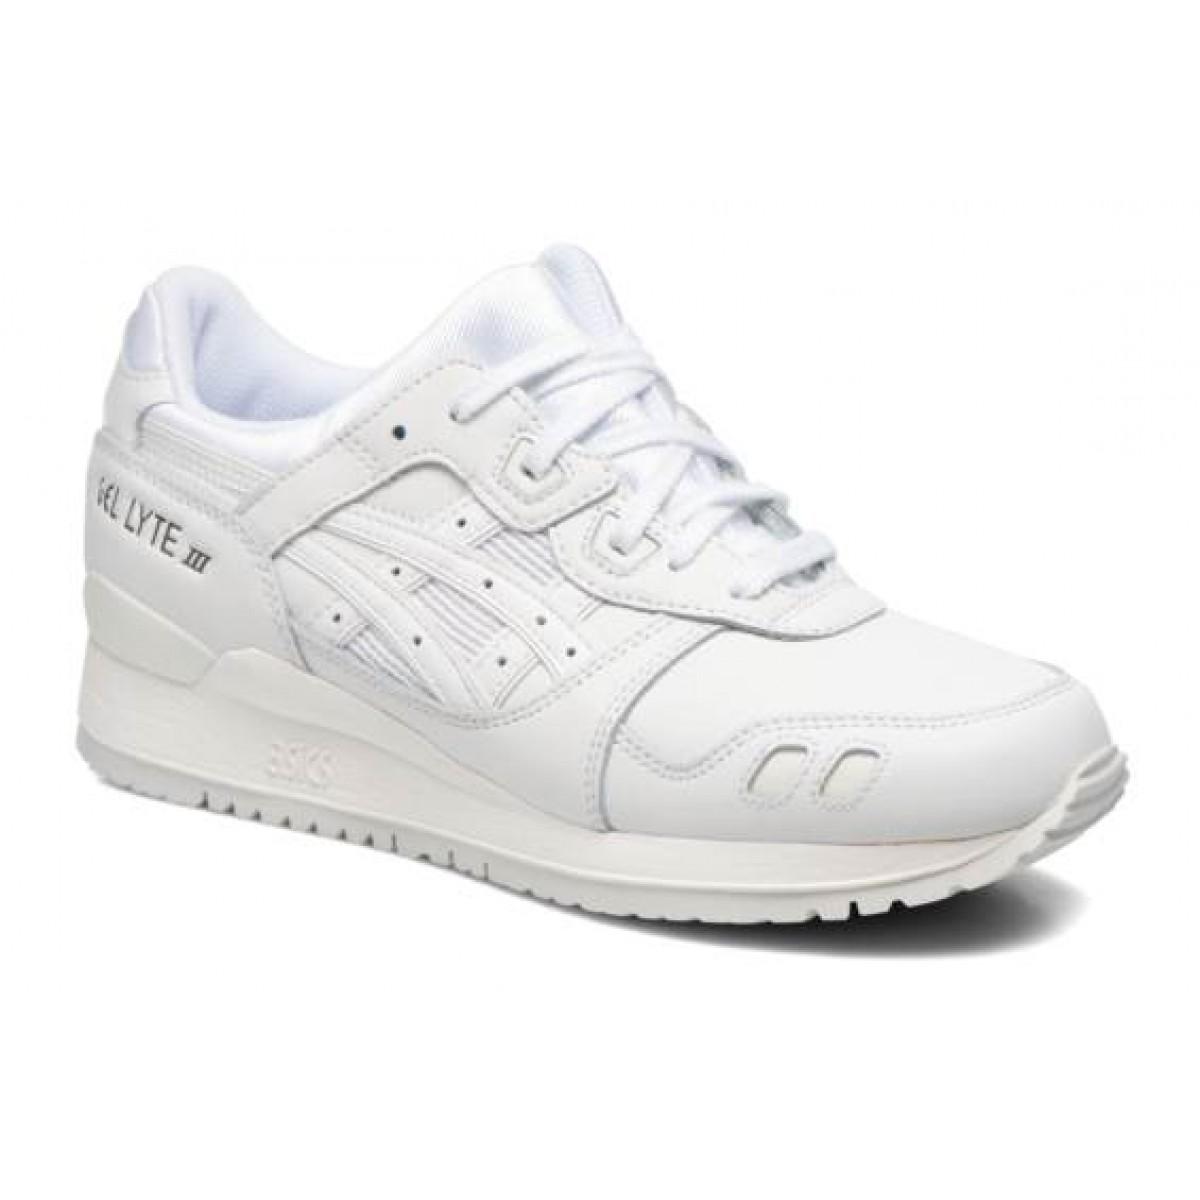 FR Sneaker Blanc Asics Gel Lyte III Femmes Asics